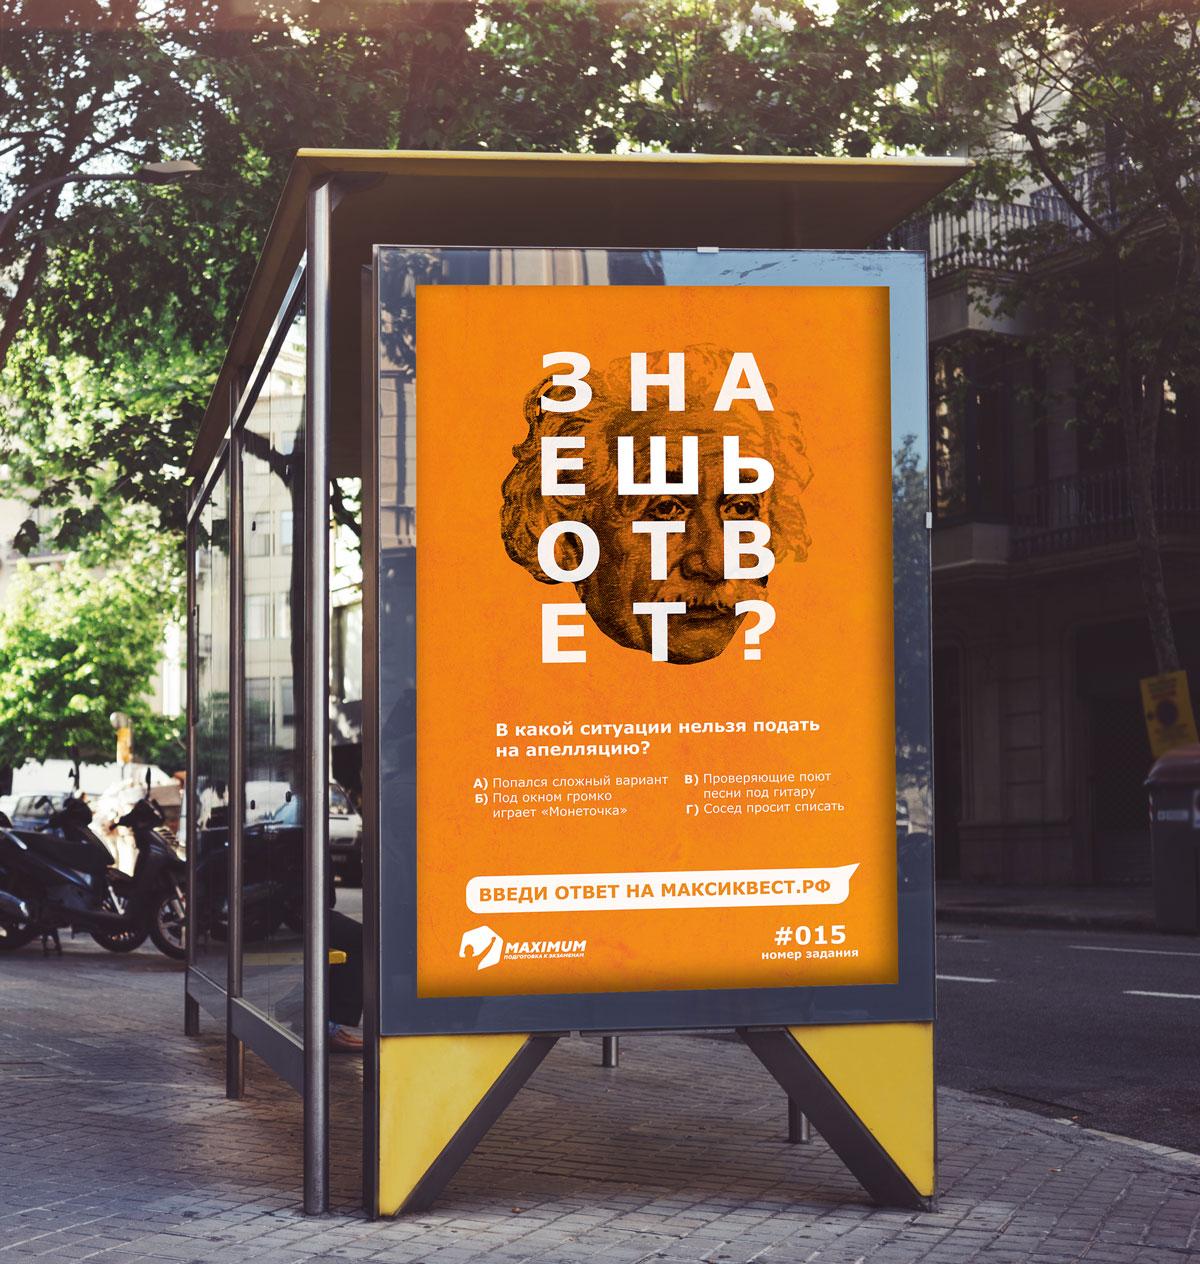 РА ВИЛКА. Размещение наружной рекламы на автобусных остановках в Москве